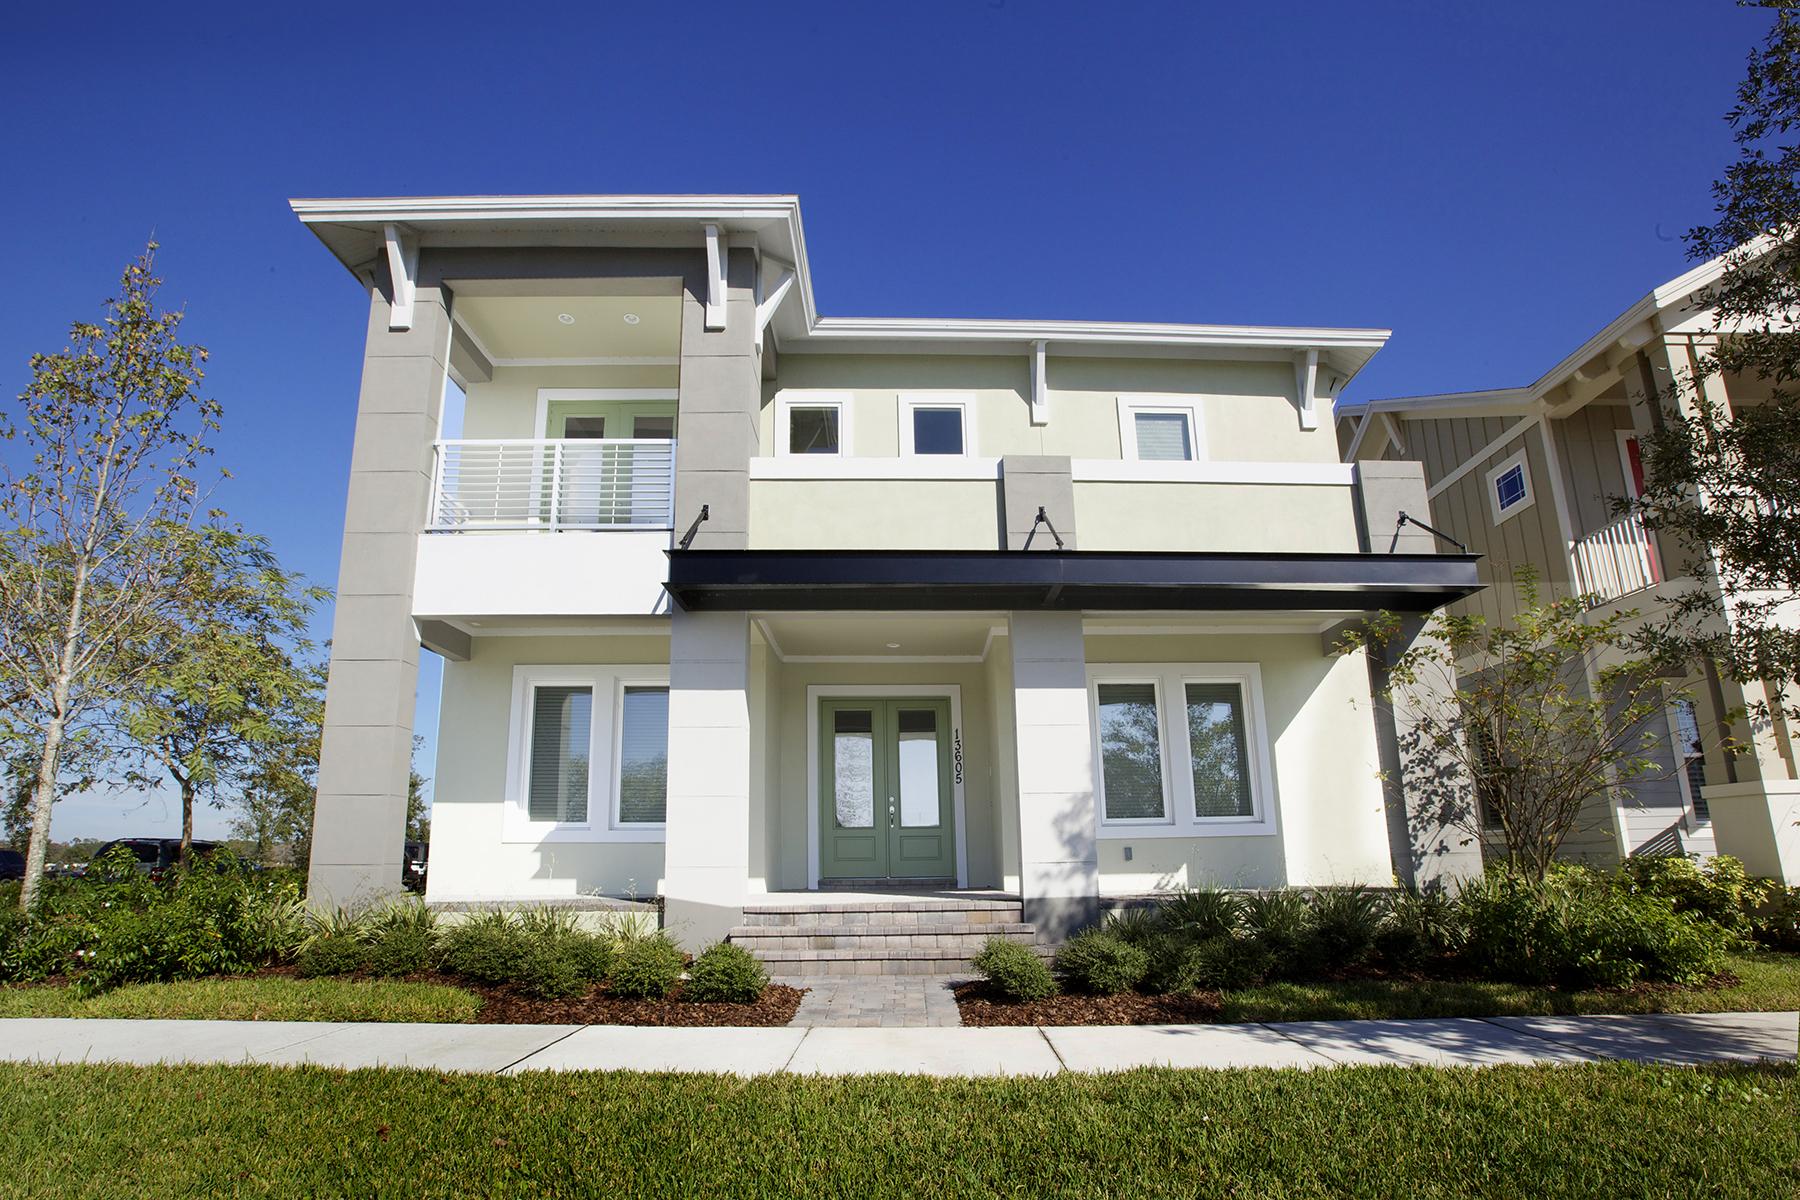 Maison unifamiliale pour l Vente à ORLANDO 13605 Granger Ave Orlando, Florida, 32827 États-Unis